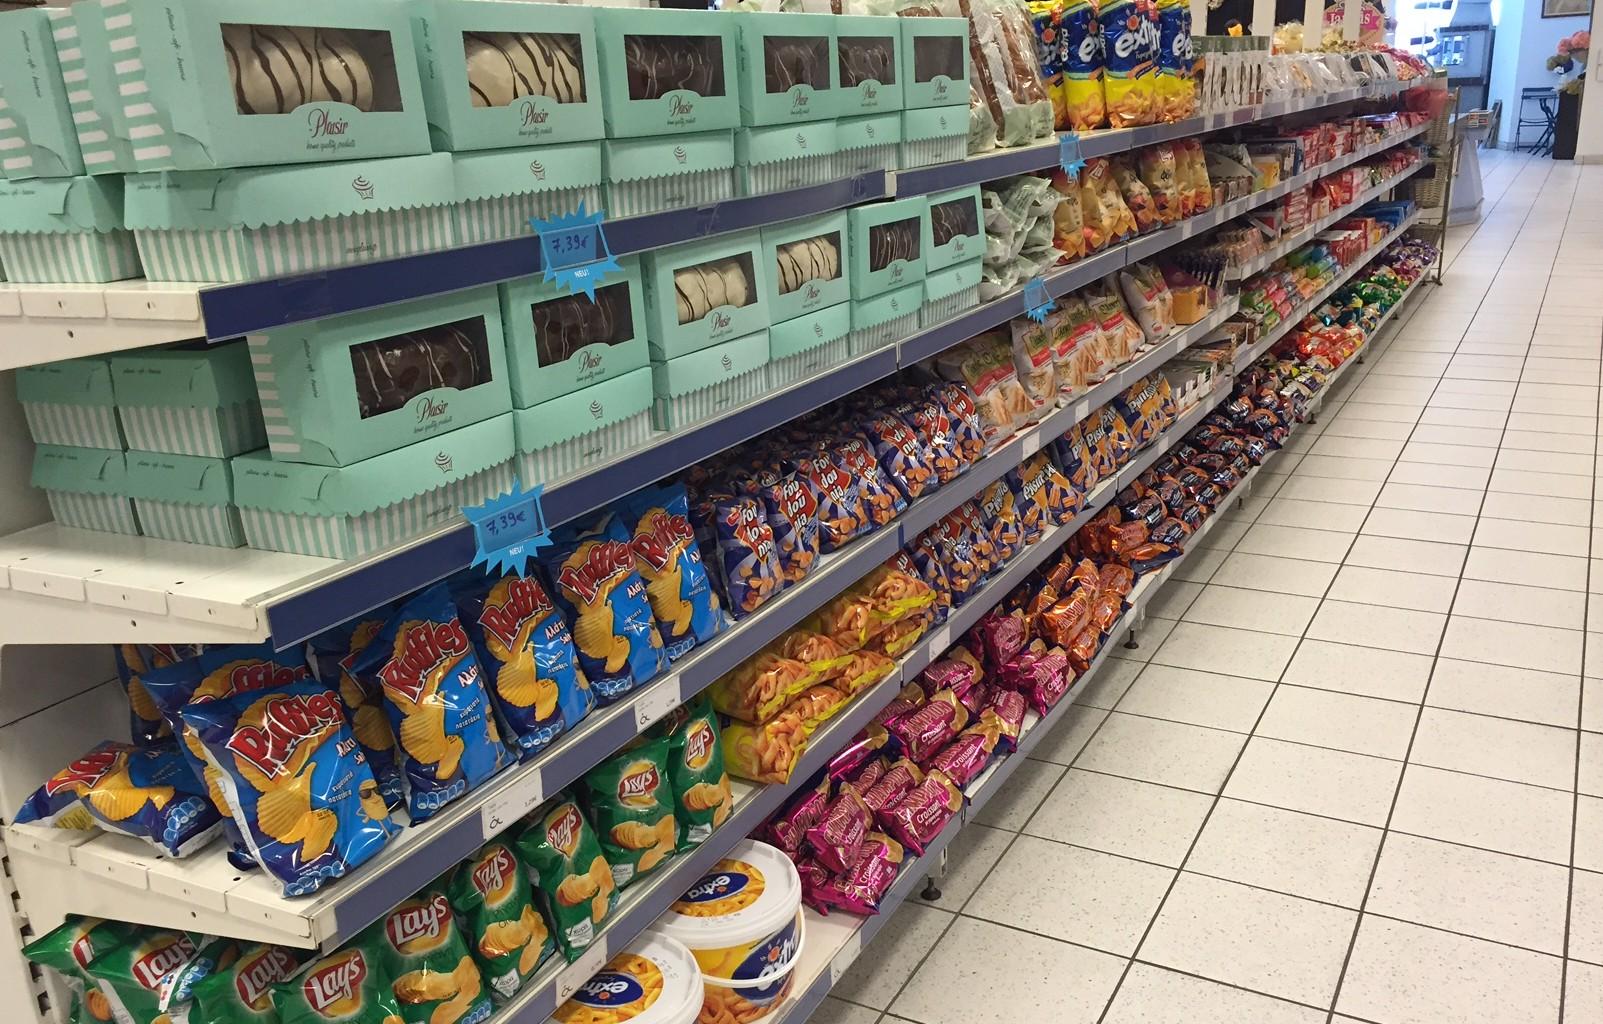 Μόναχο: Αγοράστε από εδώ τα καλύτερα ελληνικά προϊόντα για τα Χριστούγεννα και την Πρωτοχρονιά